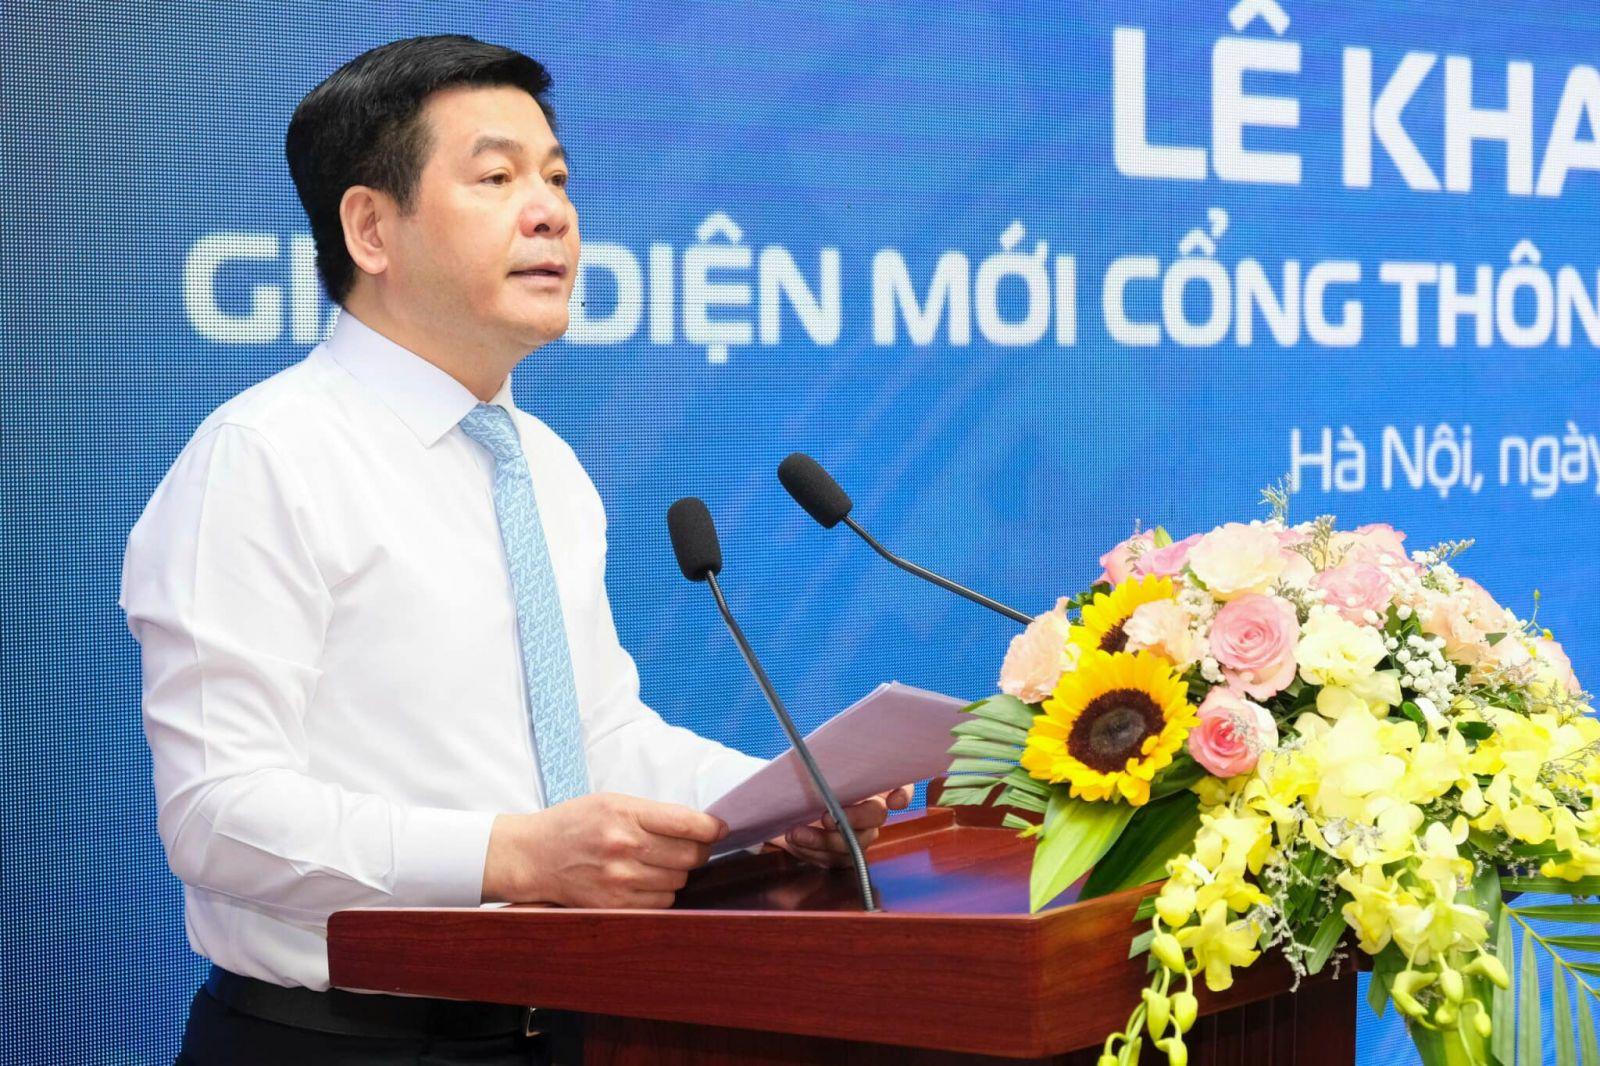 Bộ trưởng Nguyễn Hồng Diên phát biểu